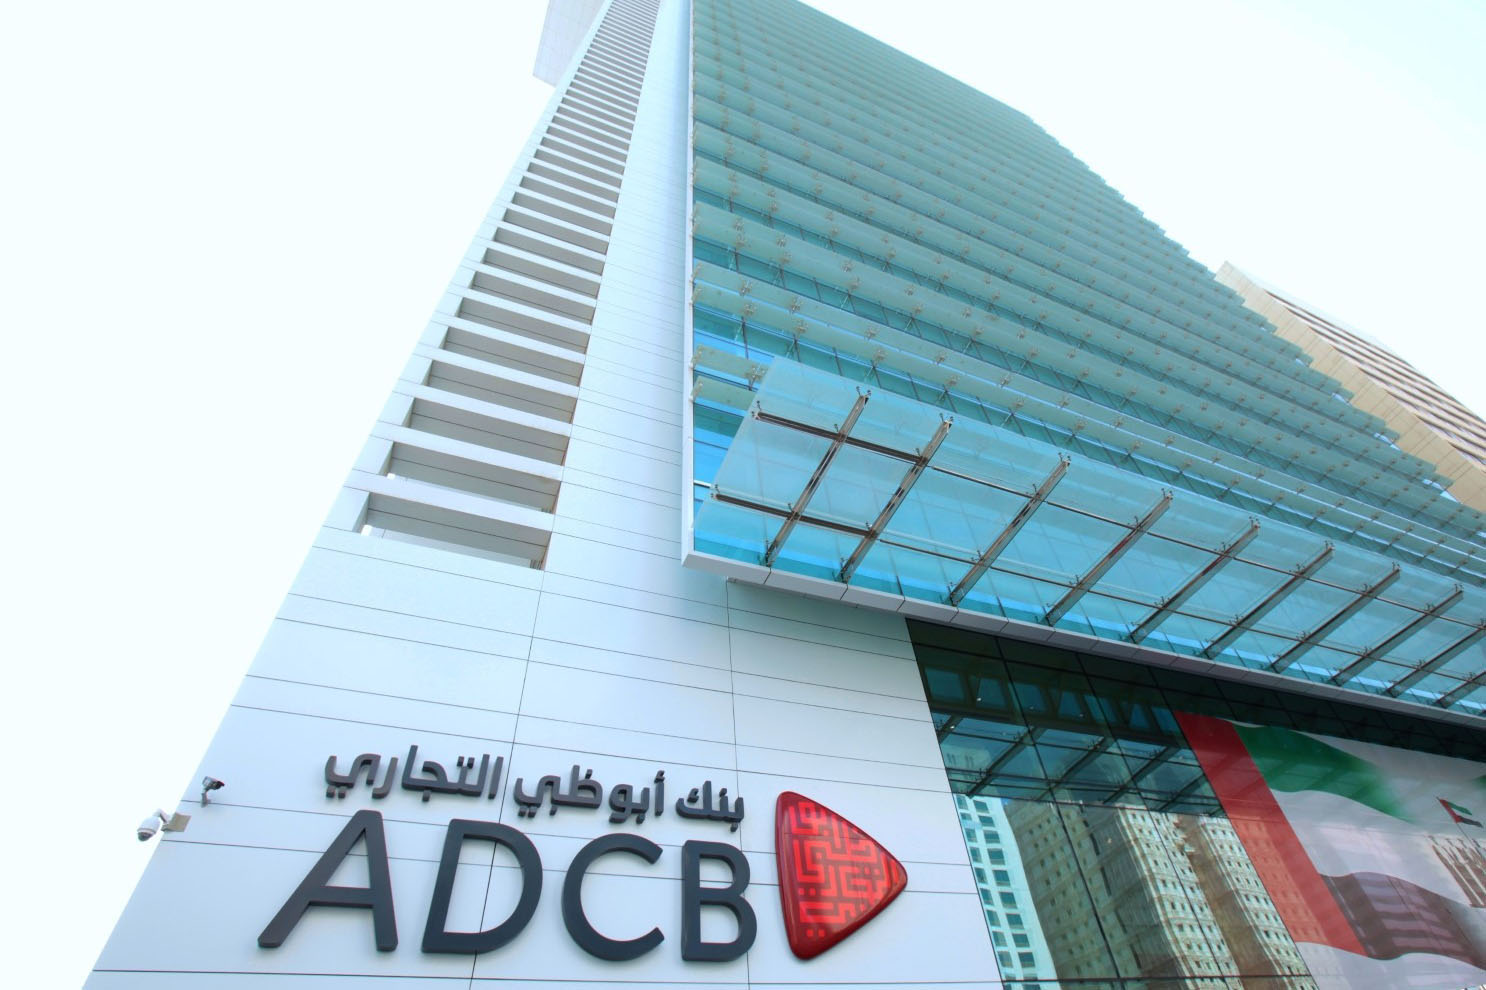 ADCB H1 2021 net profit surges by 76 per cent